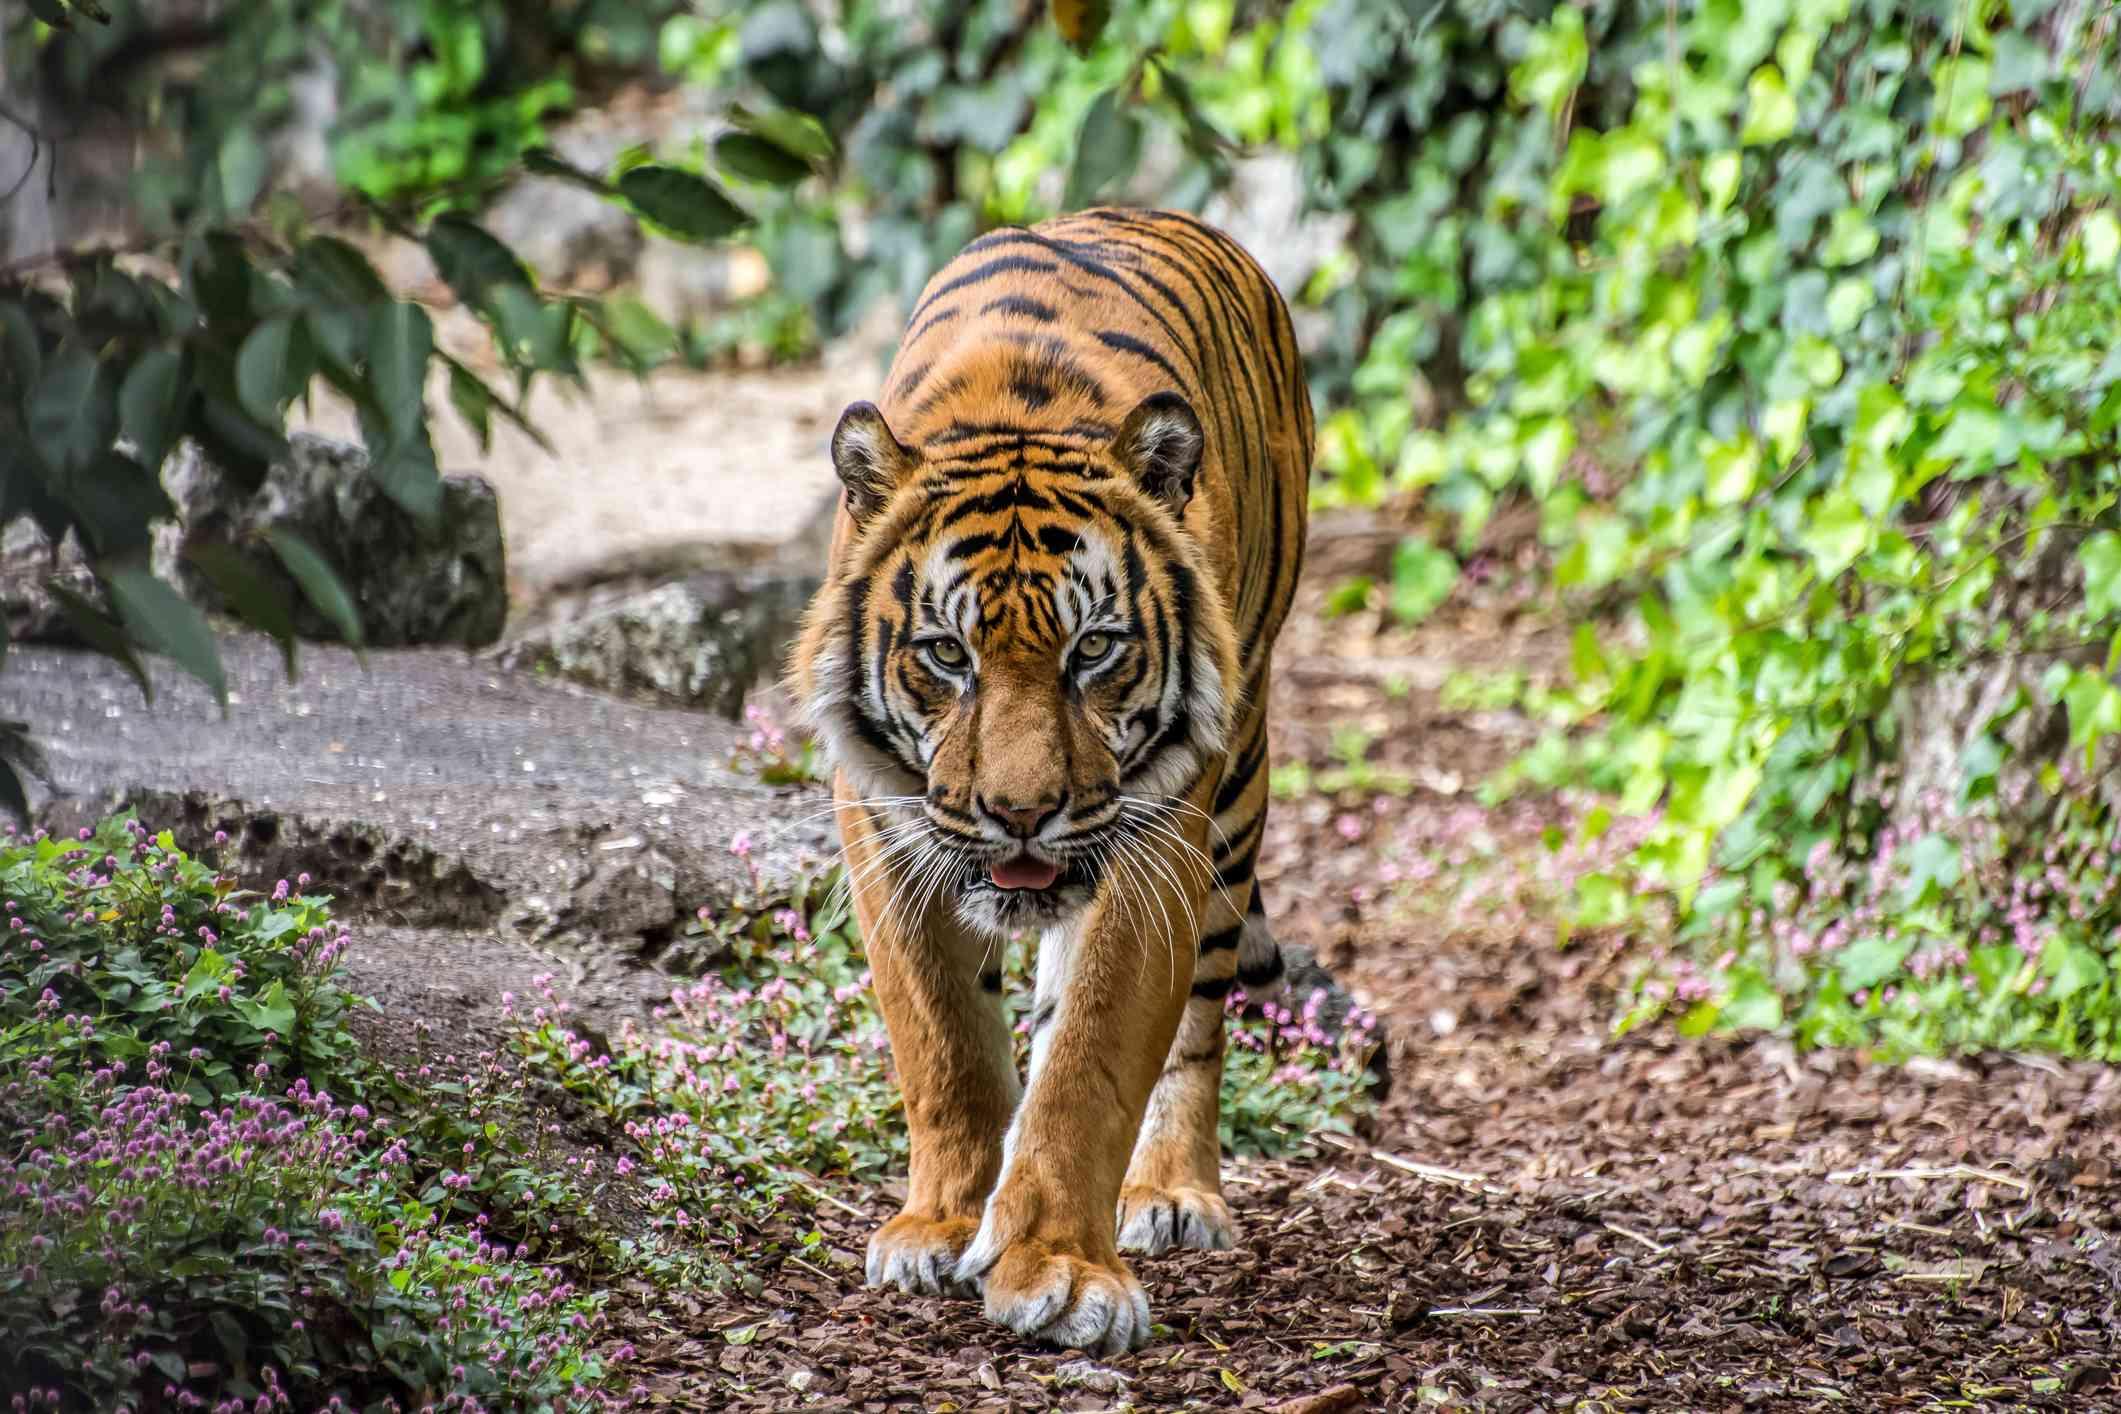 A small Sumatran tiger